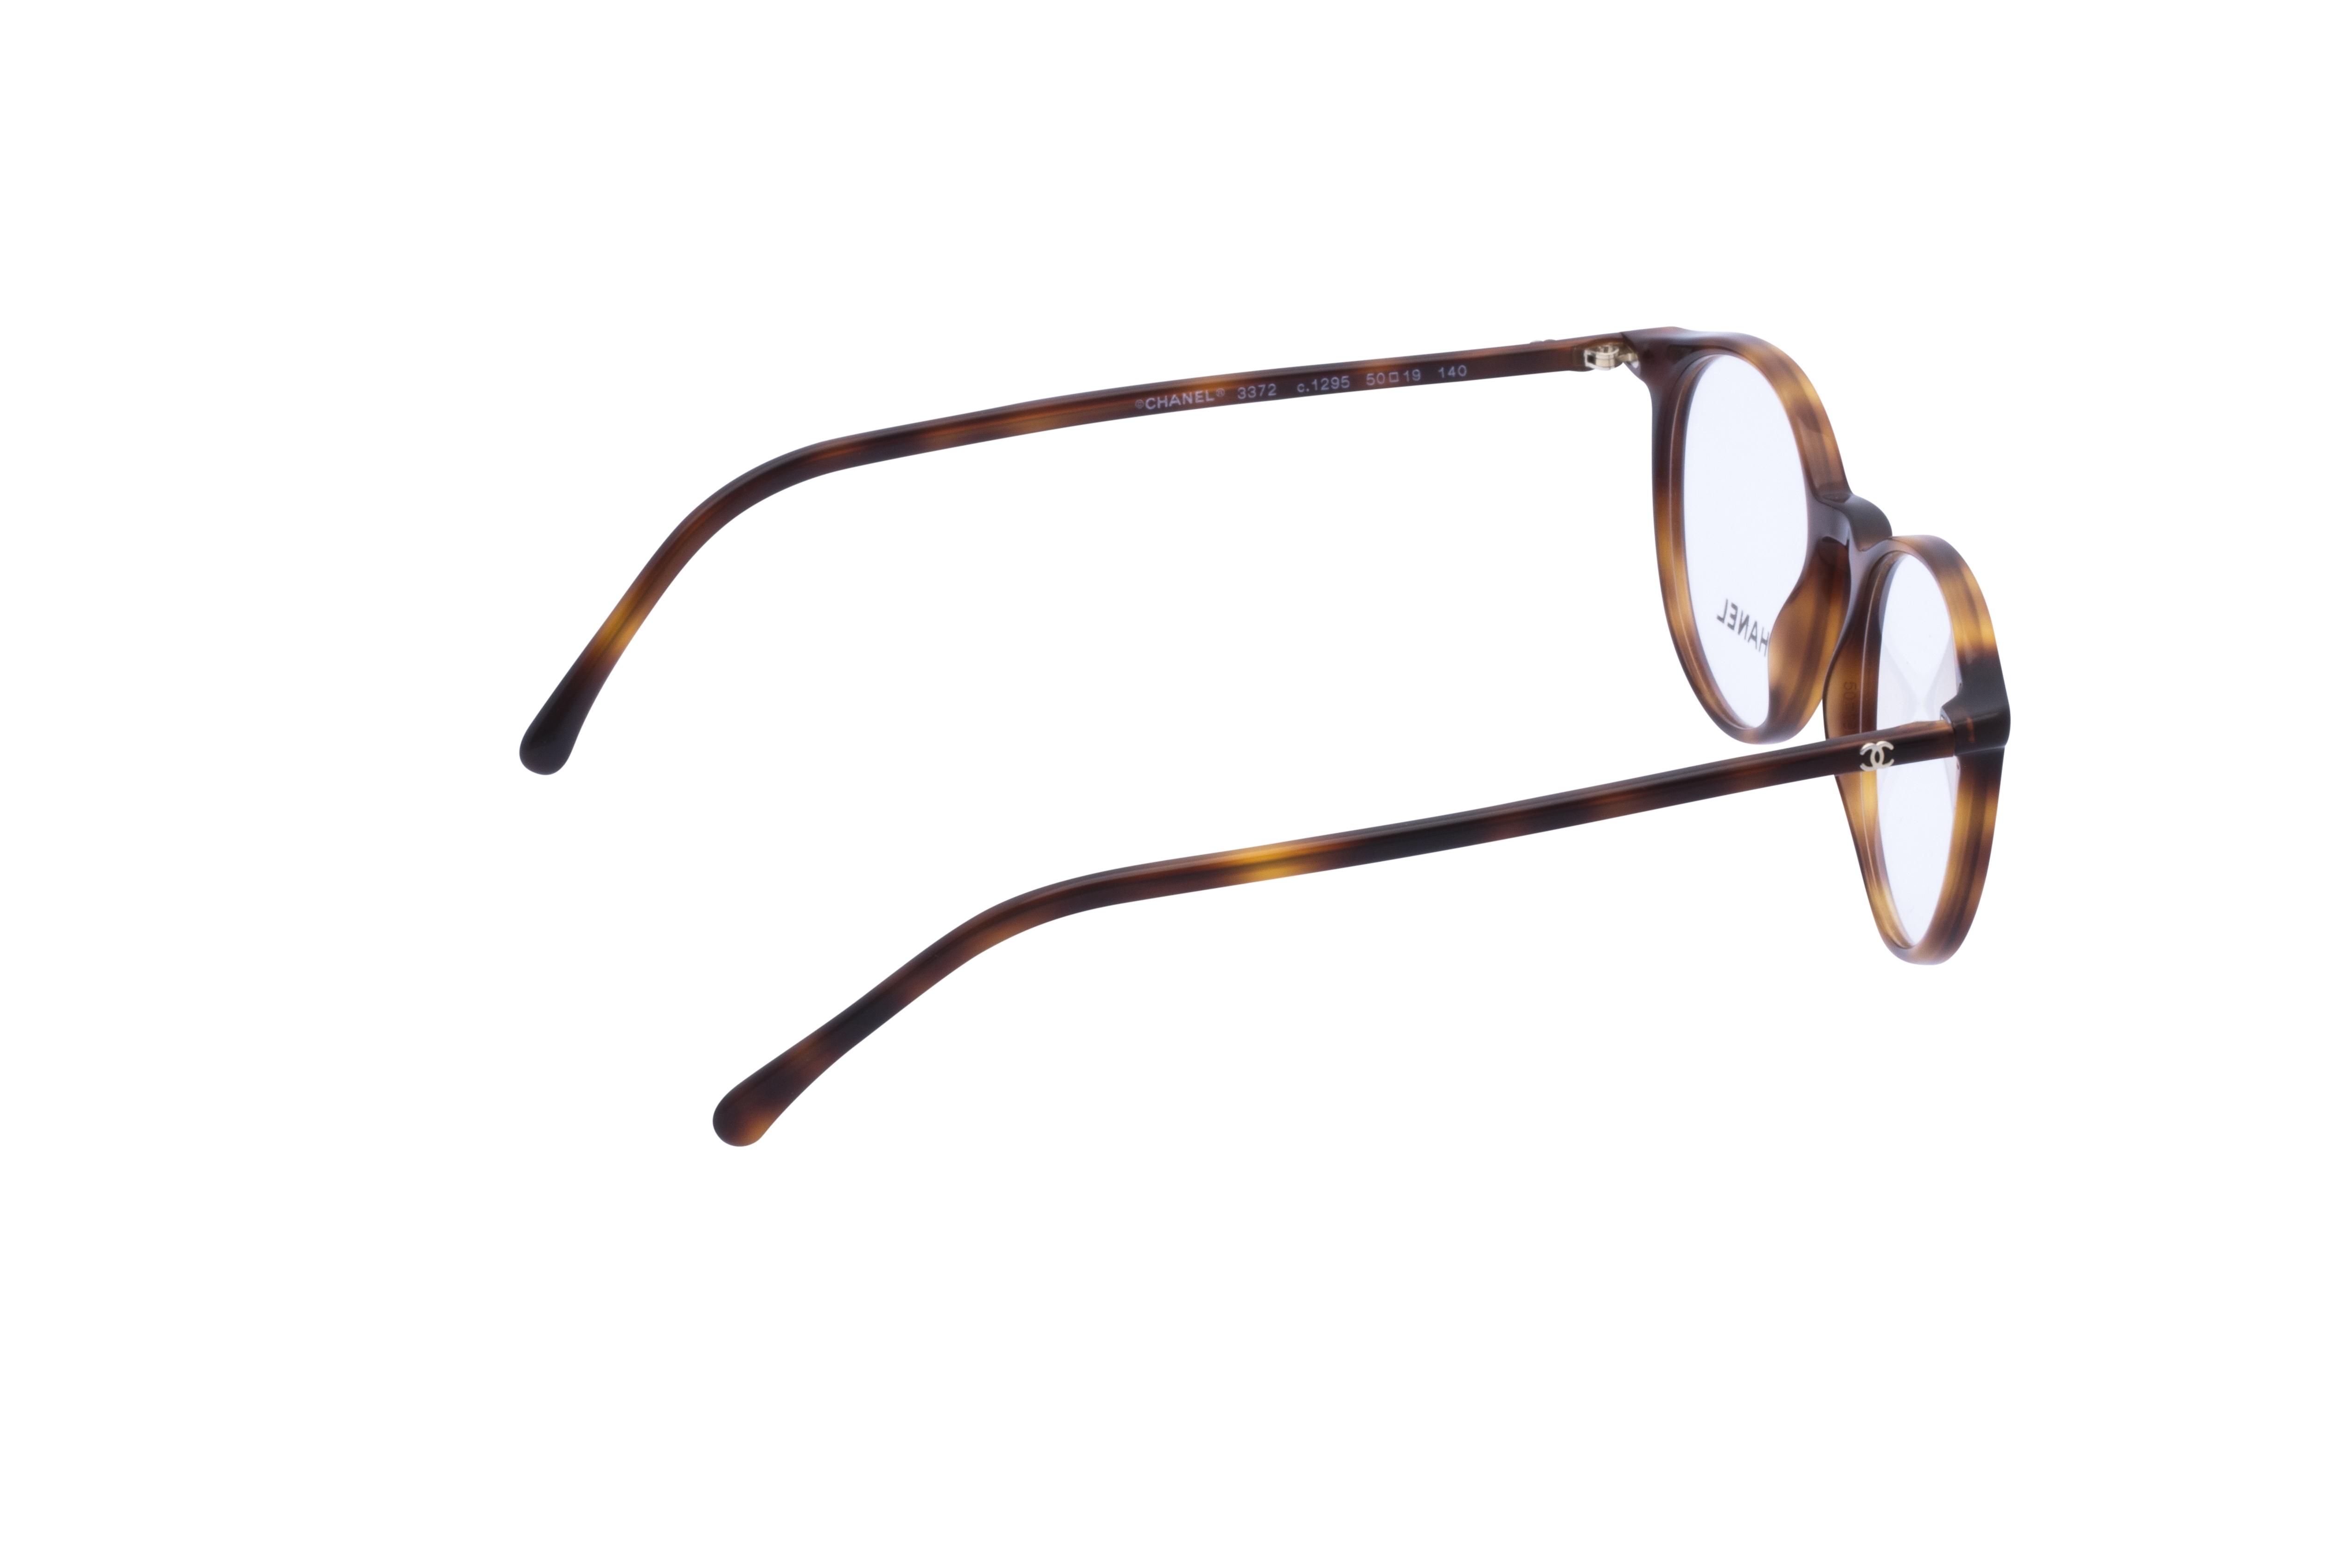 360 Grad Ansicht 7 Chanel 3372 Frontansicht, Brille auf Weiß - Fassung bei KUNK